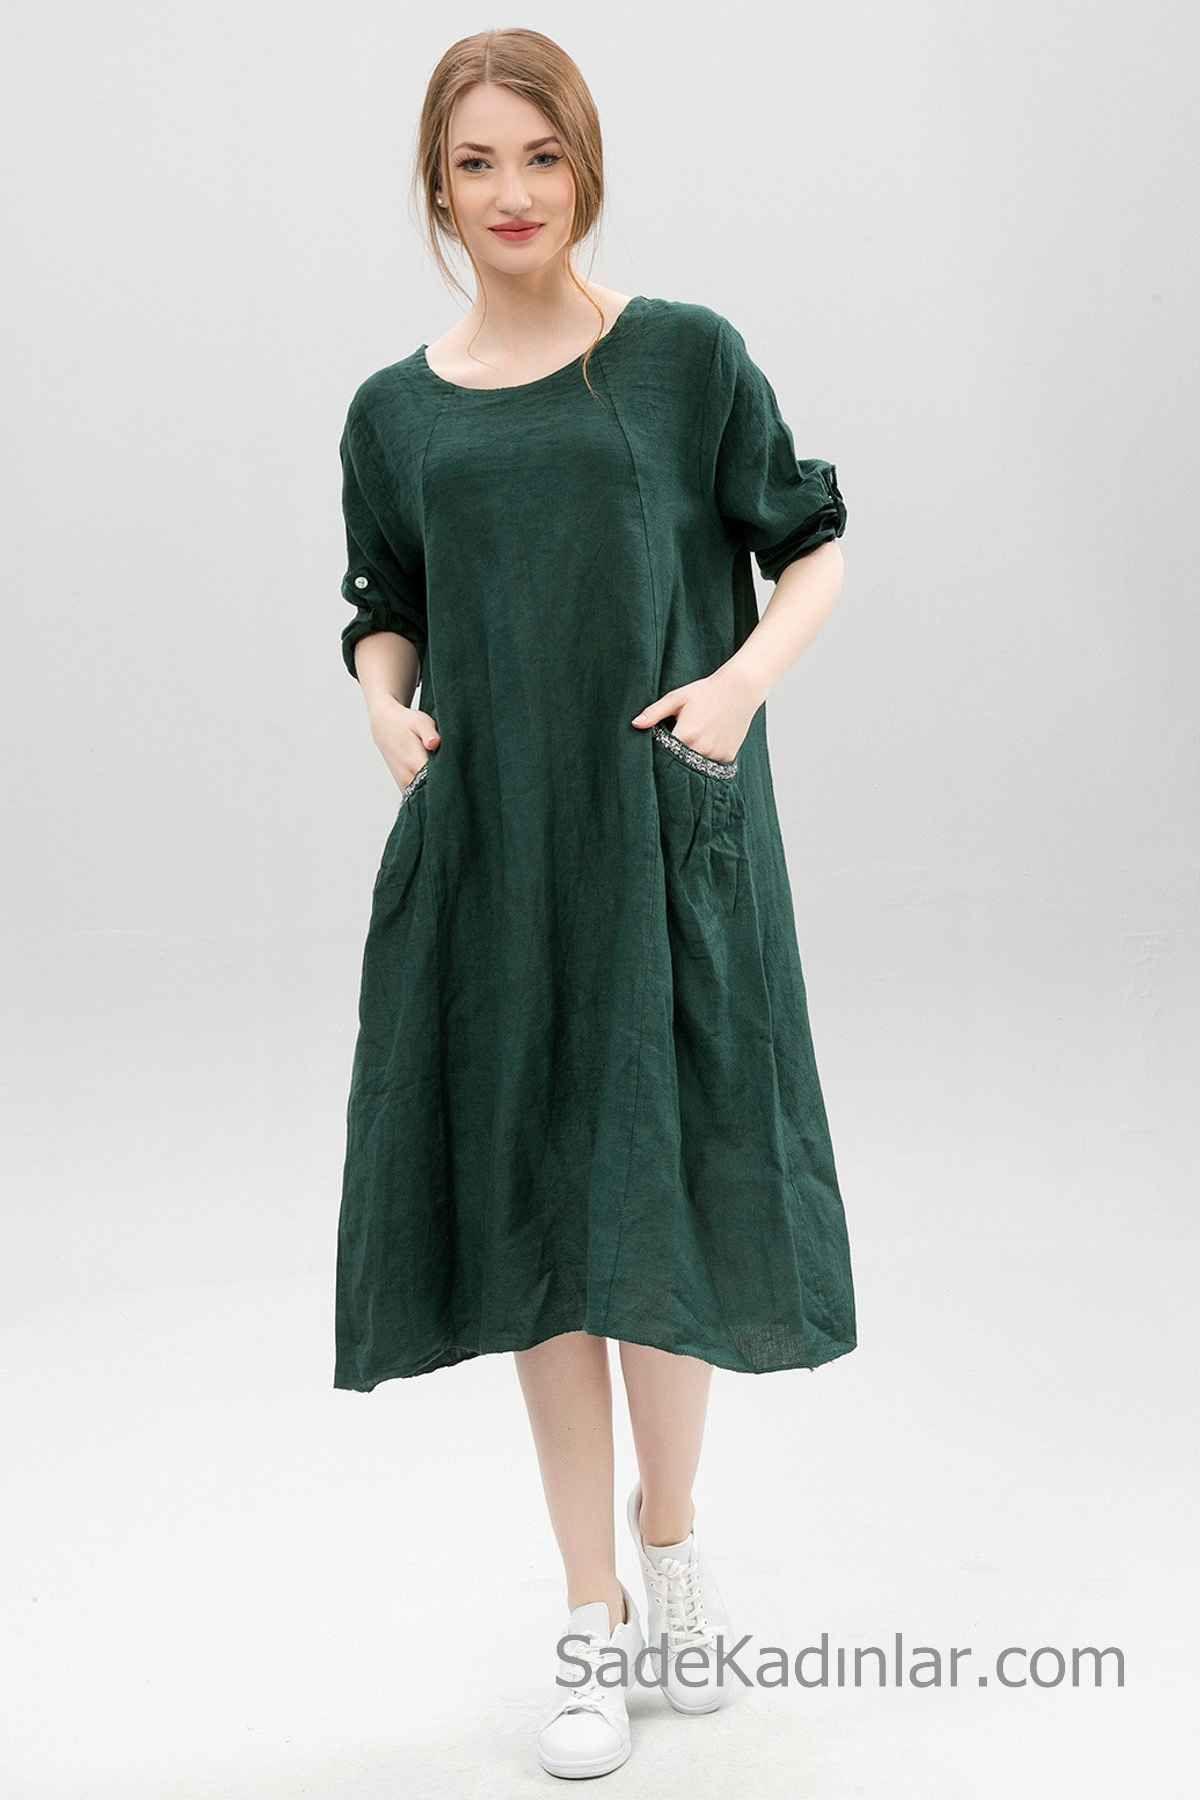 2019 Yaz İçin Günlük Keten Elbise Modelleri Yeşil Midi Yetim Kol Geniş Yaka Simli Cep Detaylı